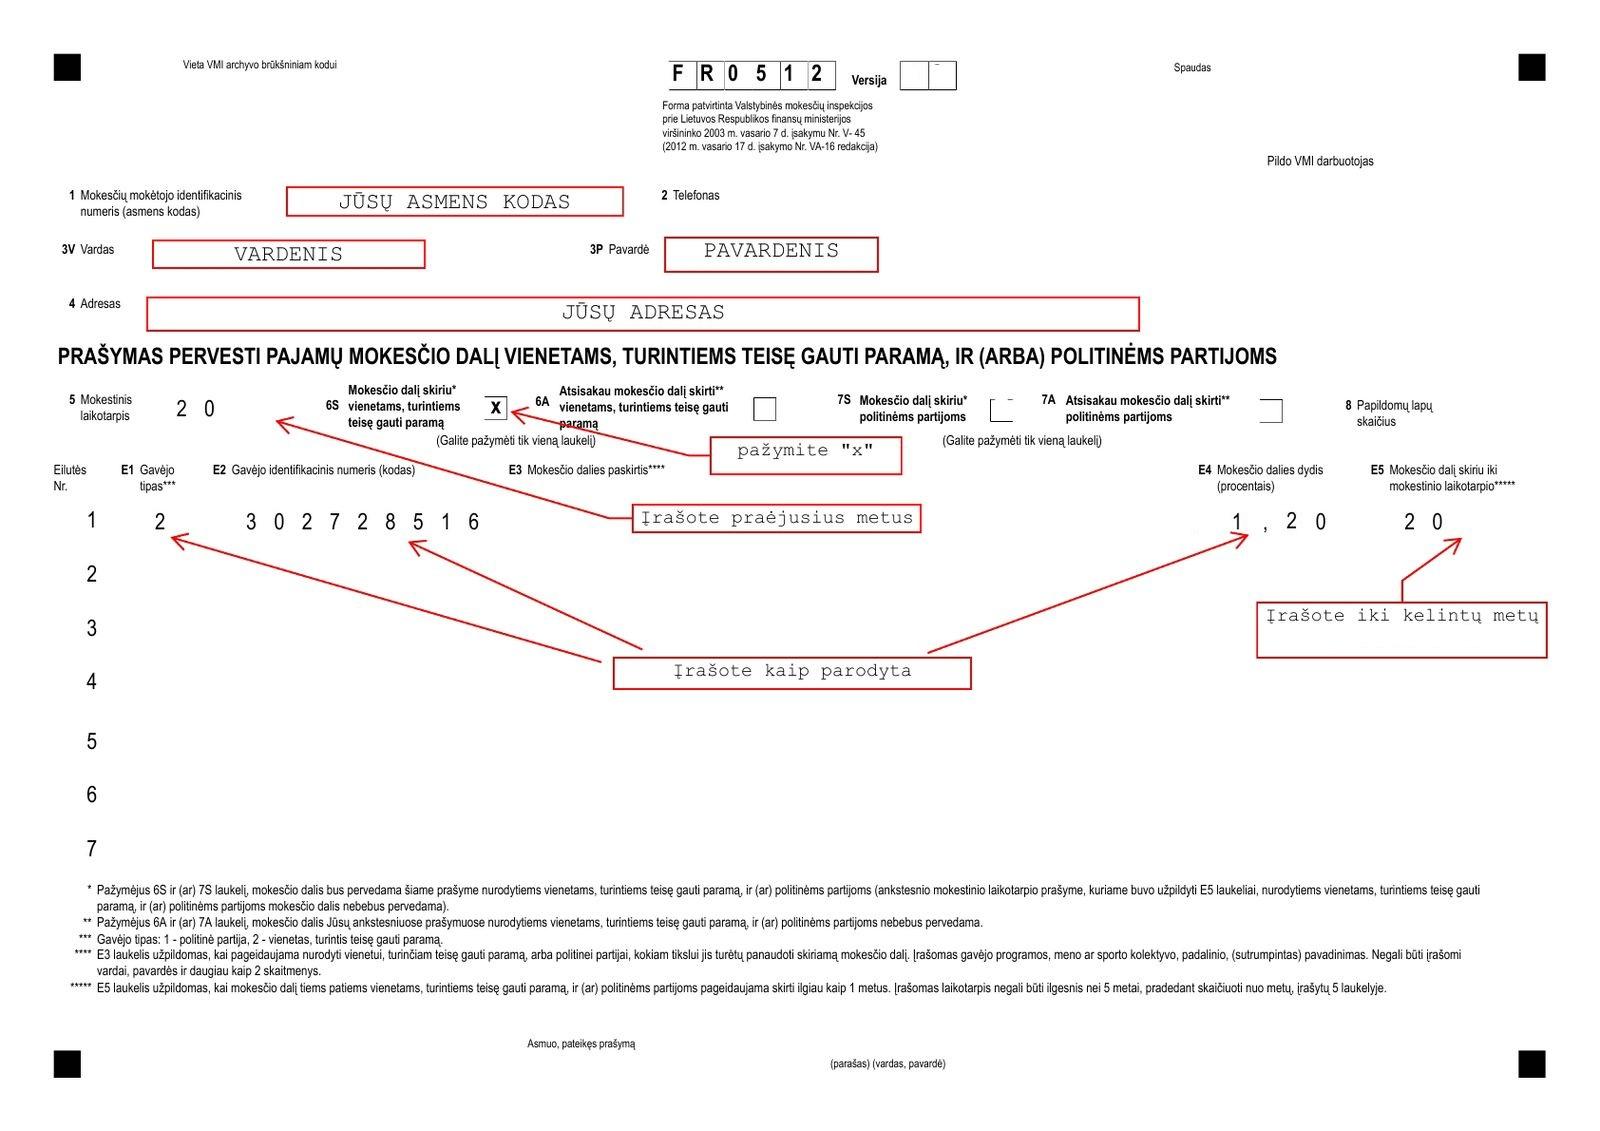 Instrukcija kaip pildyti paramos forma FR0512 v.02